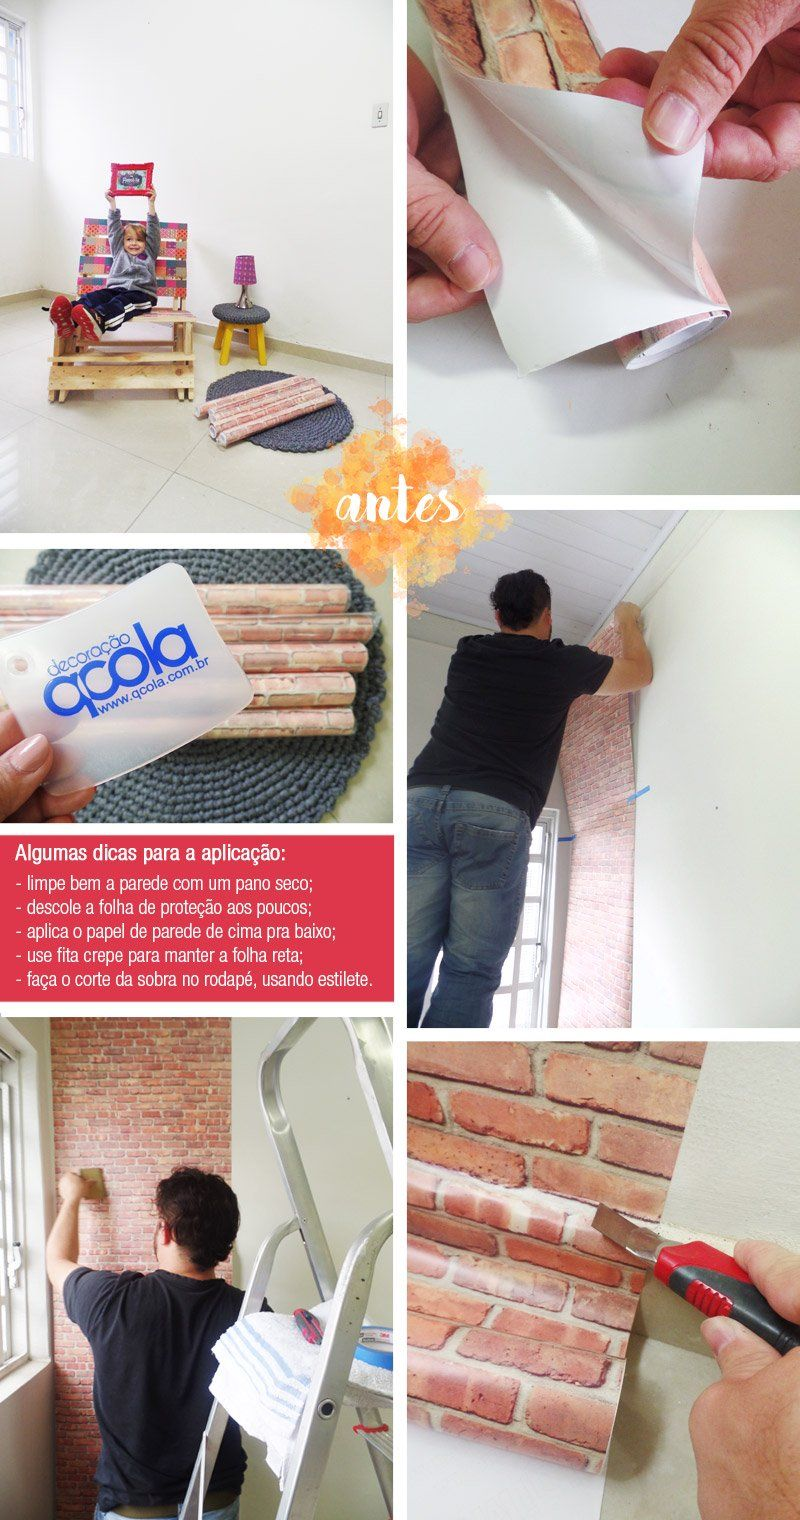 Parede de Tijolinhos com Papel de Parede Adesivo - http://comosefaz.eu/parede-de-tijolinhos-com-papel-de-parede-adesivo/